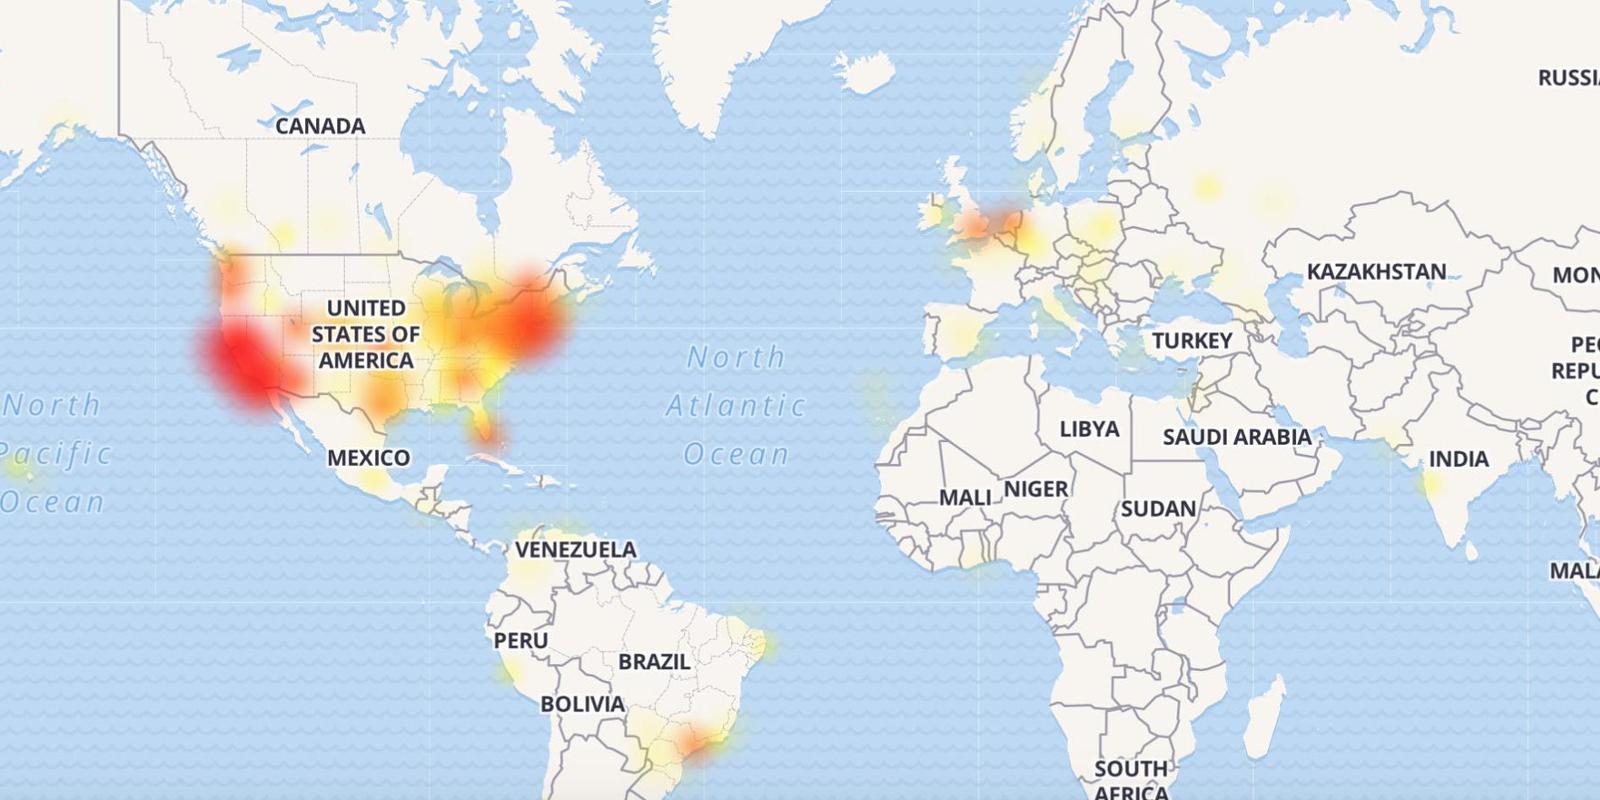 Ο χάρτης που δείχνει σε ποιες περιοχές αντιμετωπίζουν προβλήματα οι χρήστες της Google